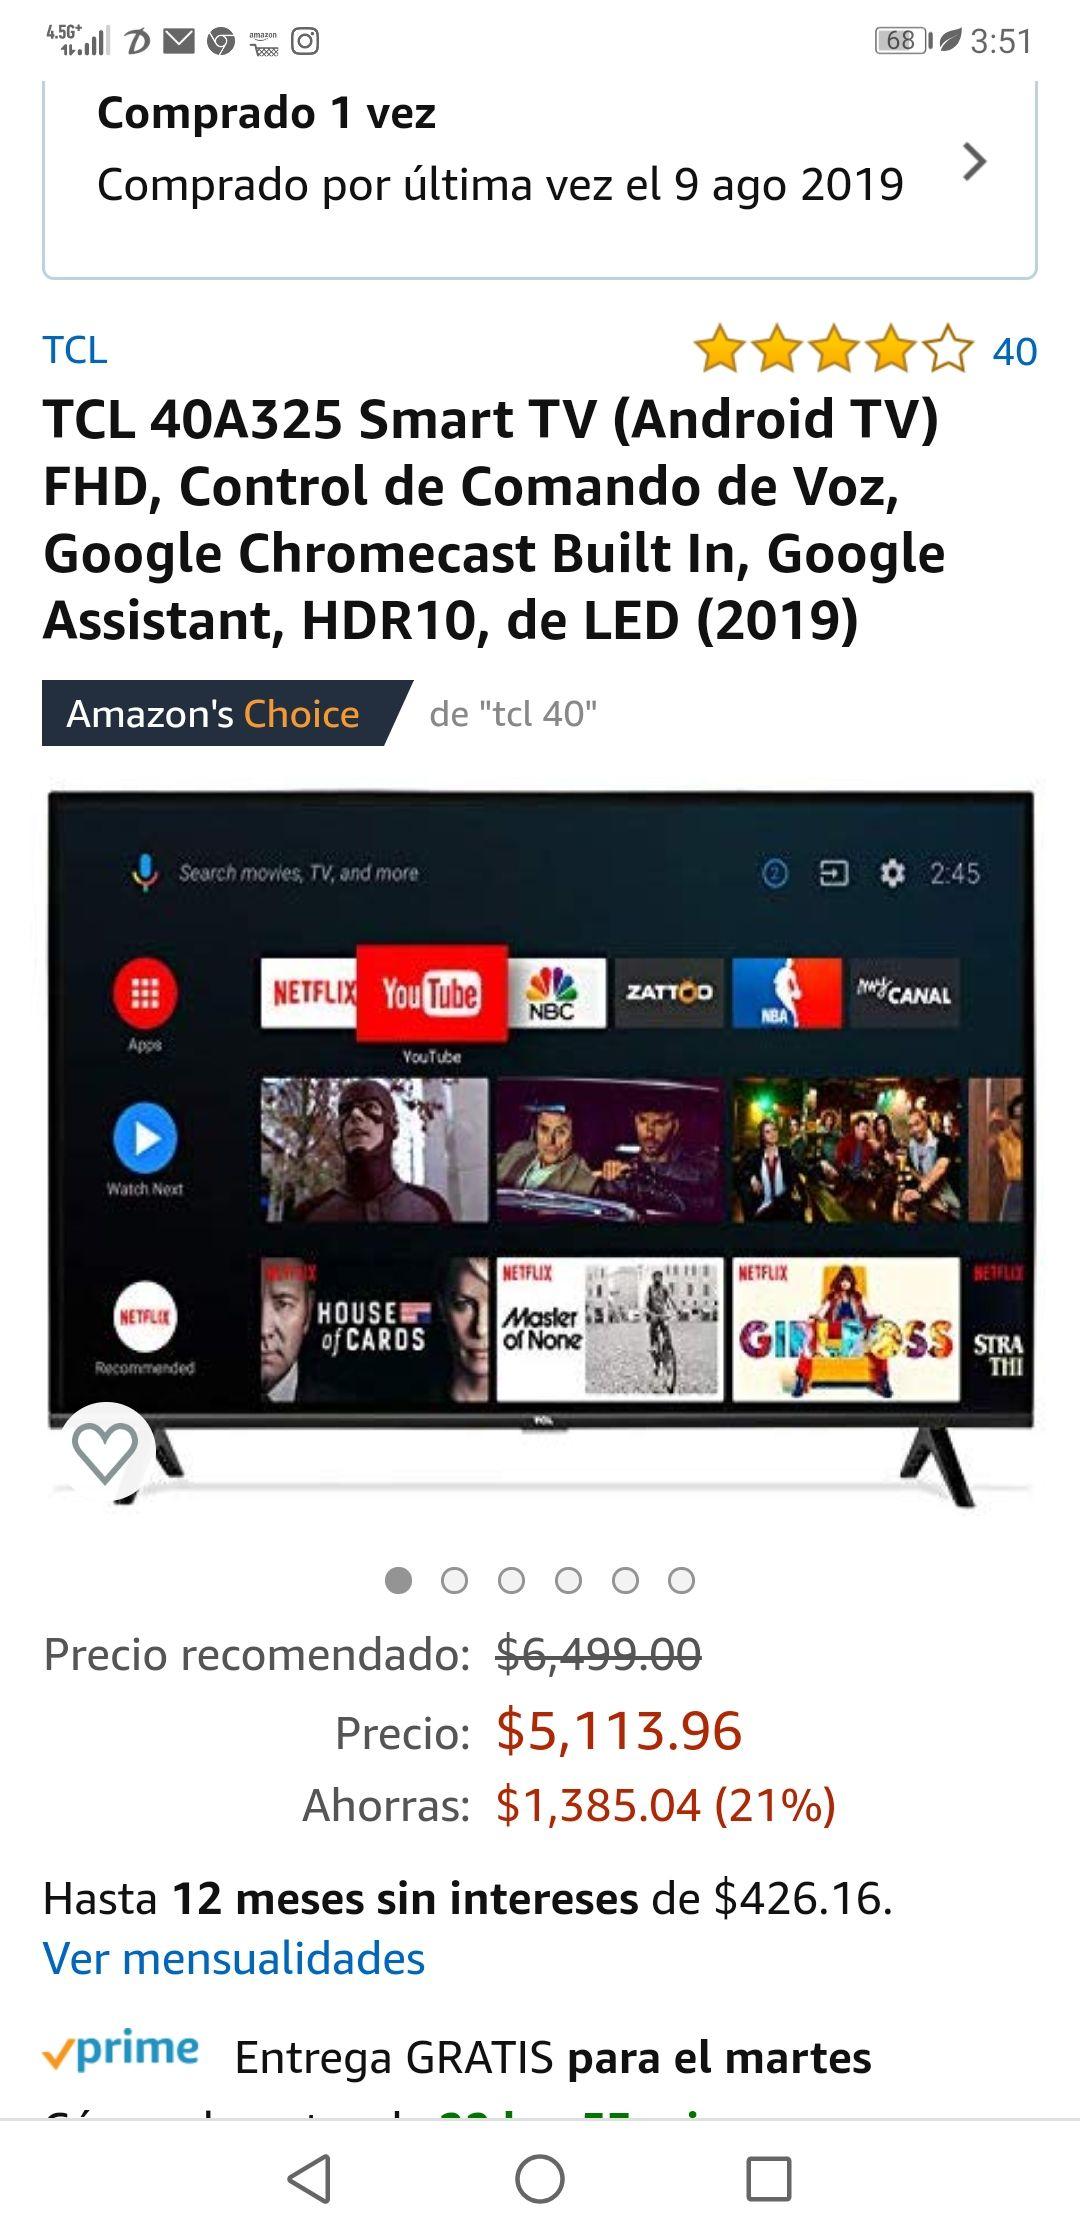 Amazon: TCL 40A325 Smart TV (Android TV) FHD, Control de Comando de Voz, Google Chromecast Built In, Google Assistant, HDR10, de LED (2019)